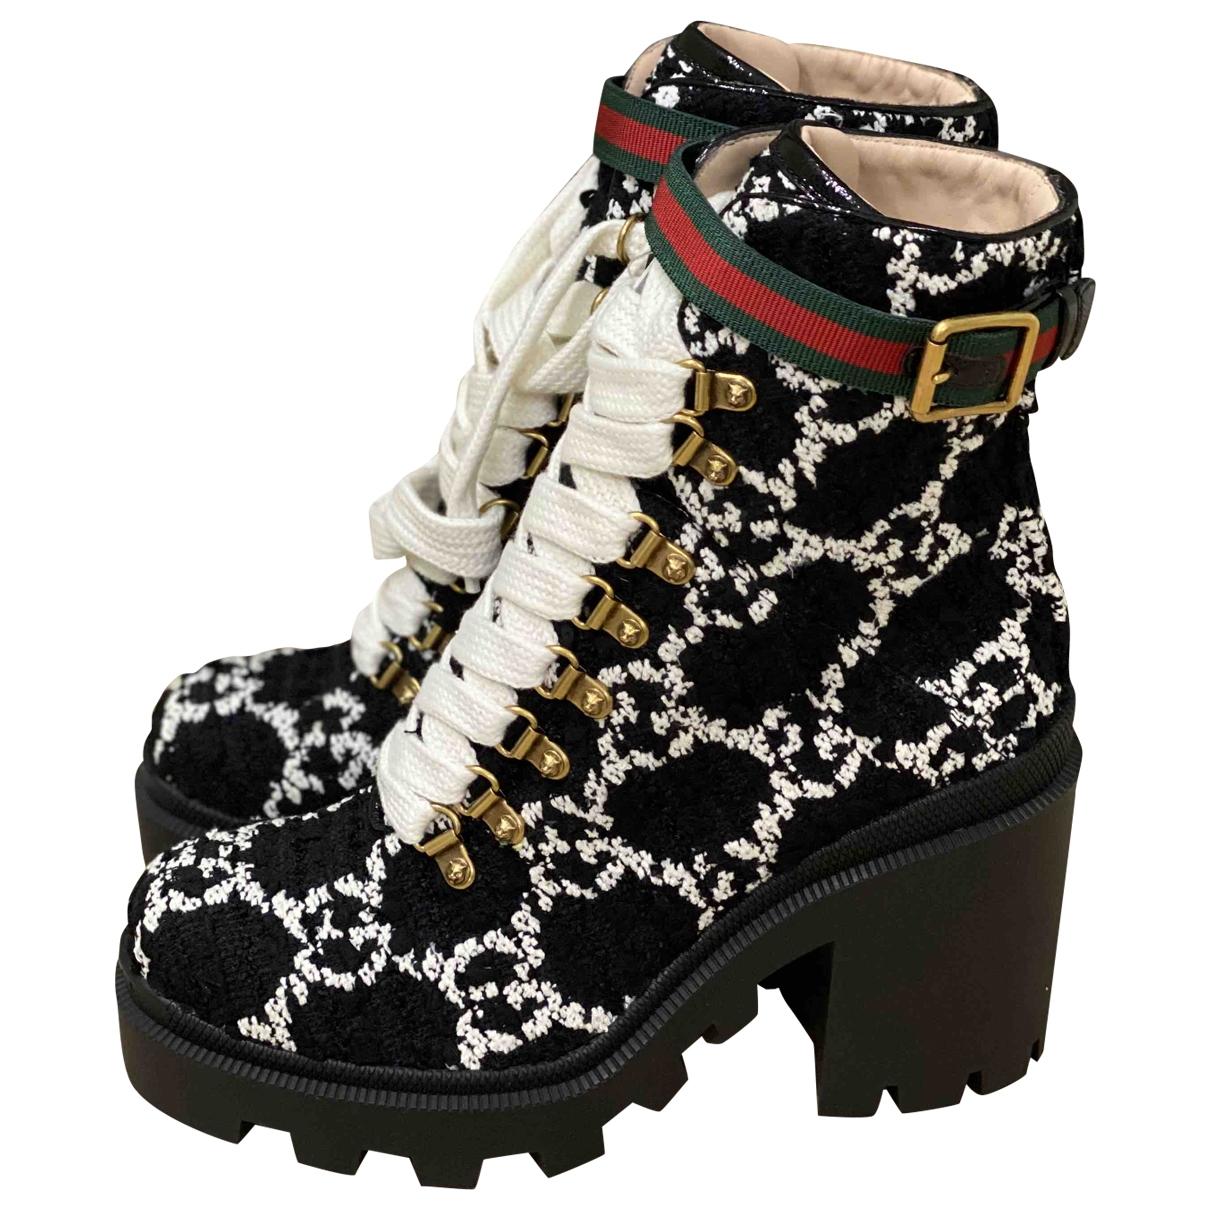 Gucci - Boots Sylvie pour femme en tweed - noir